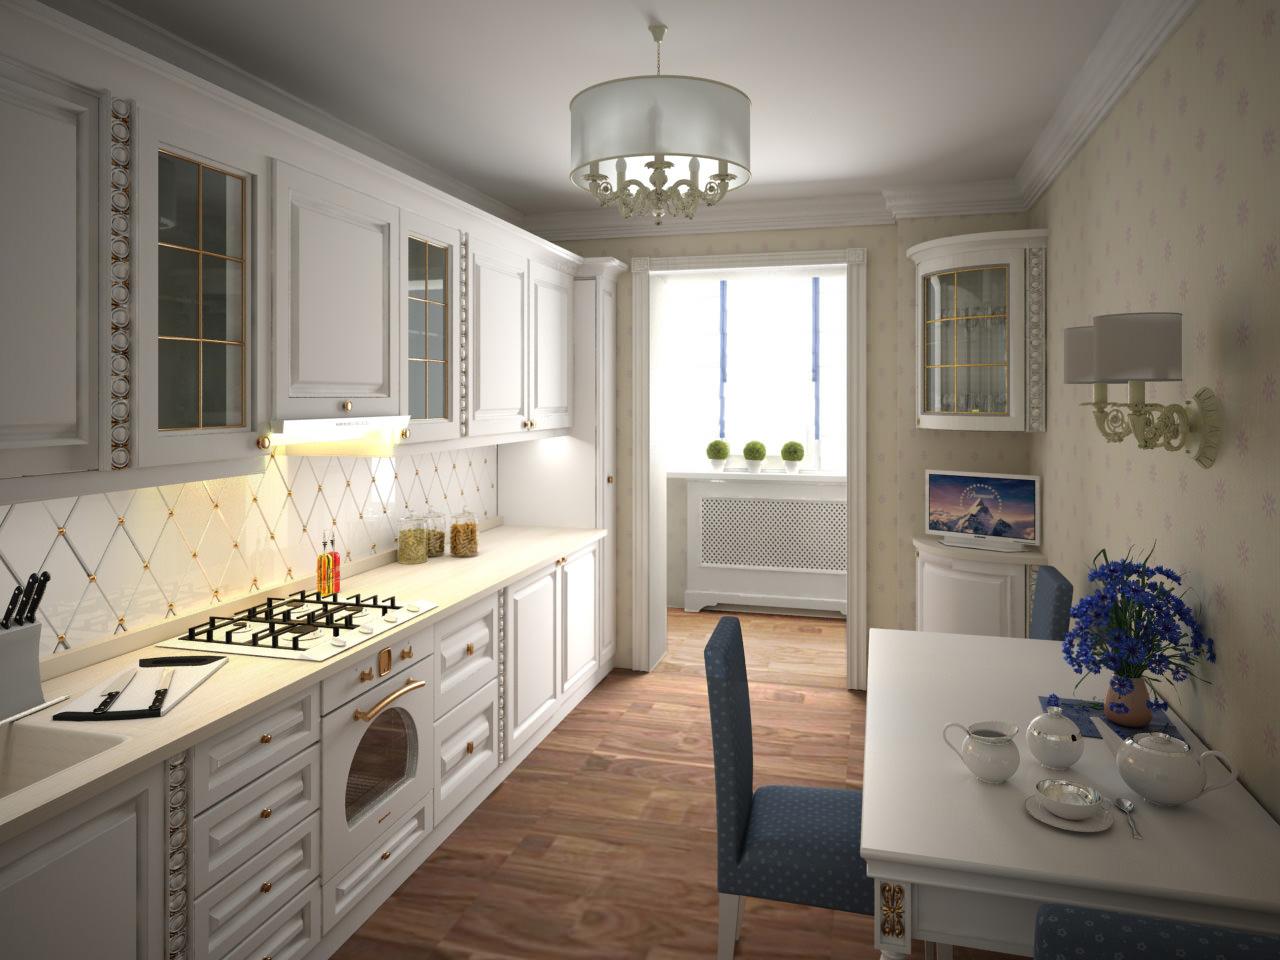 """Дизайн классической светлой кухни в узкой комнате."""" - карточ."""